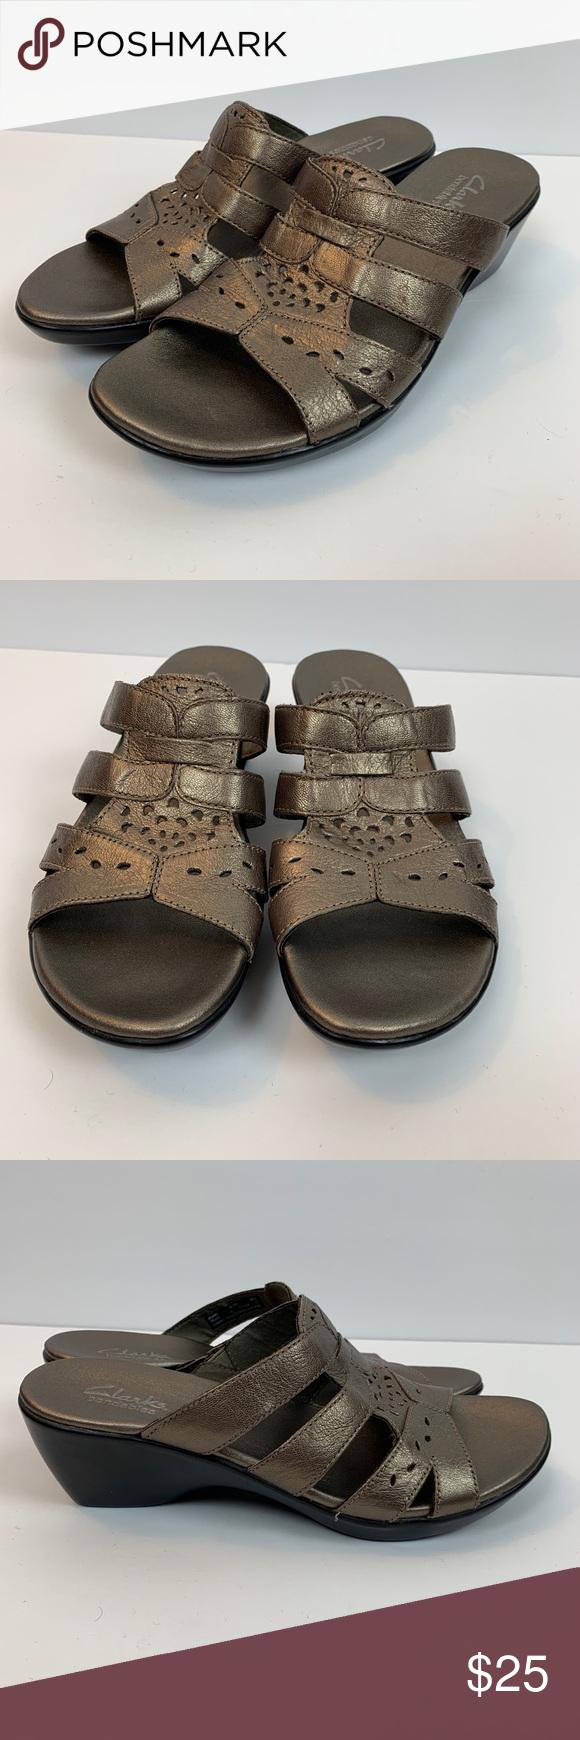 Clarks Bendables Sandal: 25 listings